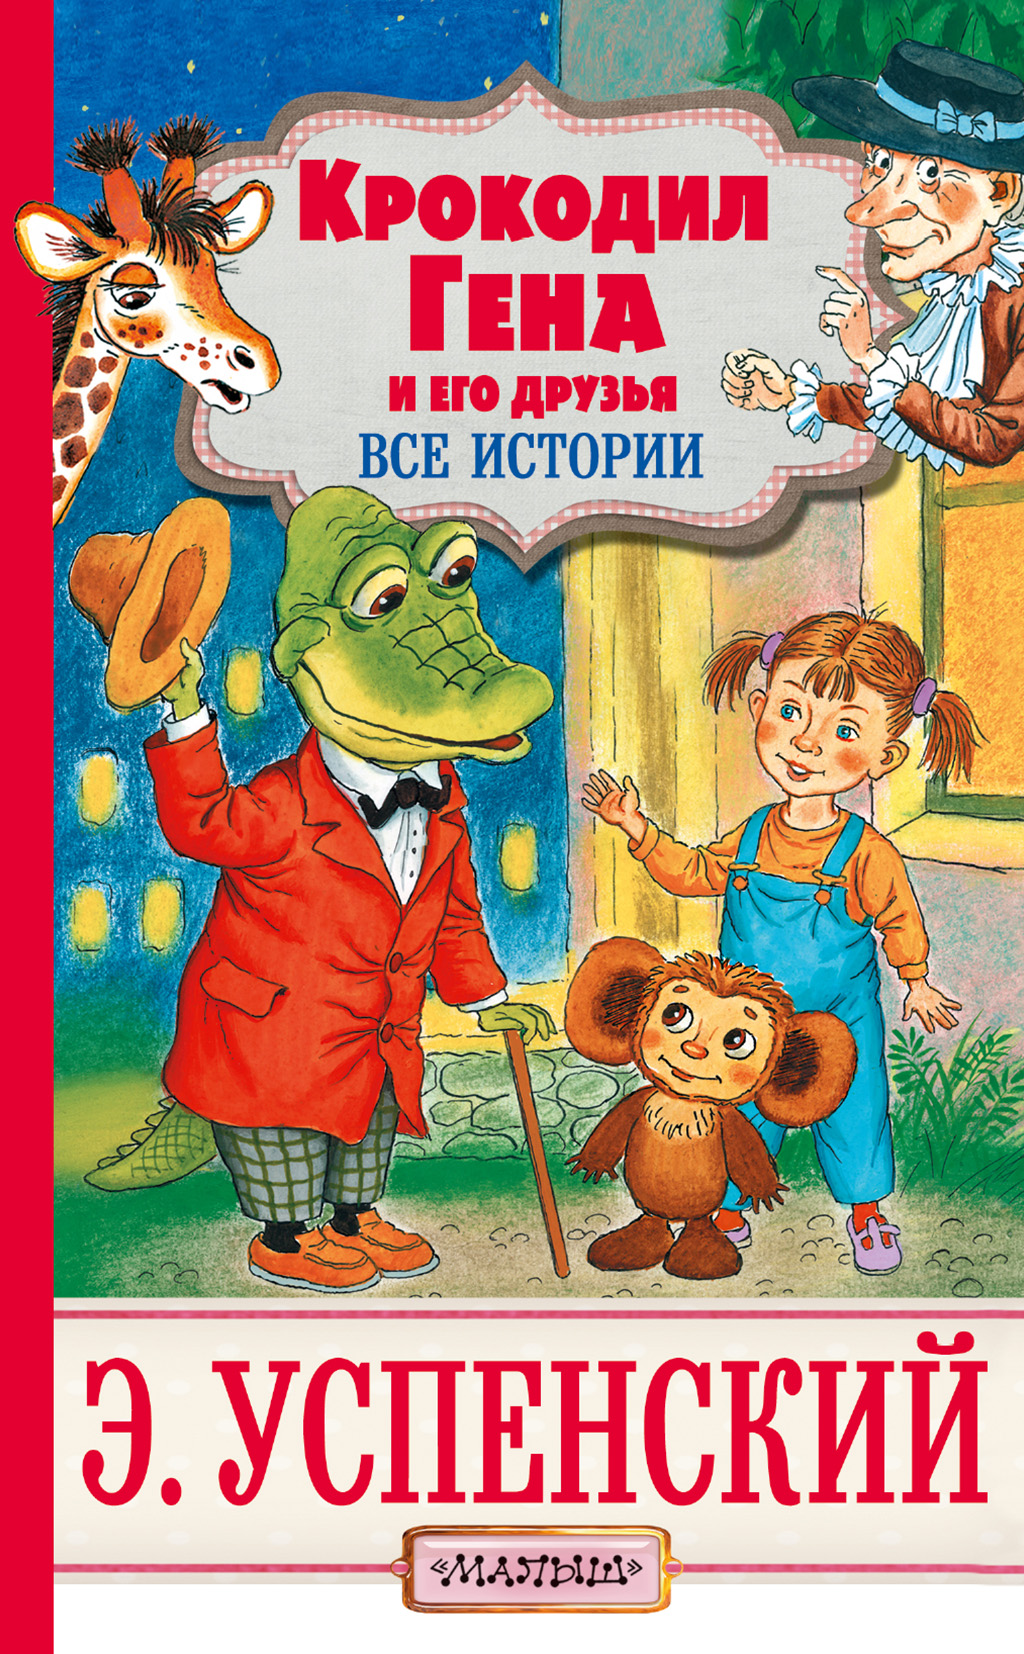 Эдуард Успенский Крокодил Гена и его друзья. Все истории эдуард успенский крокодил гена и его друзья все приключения